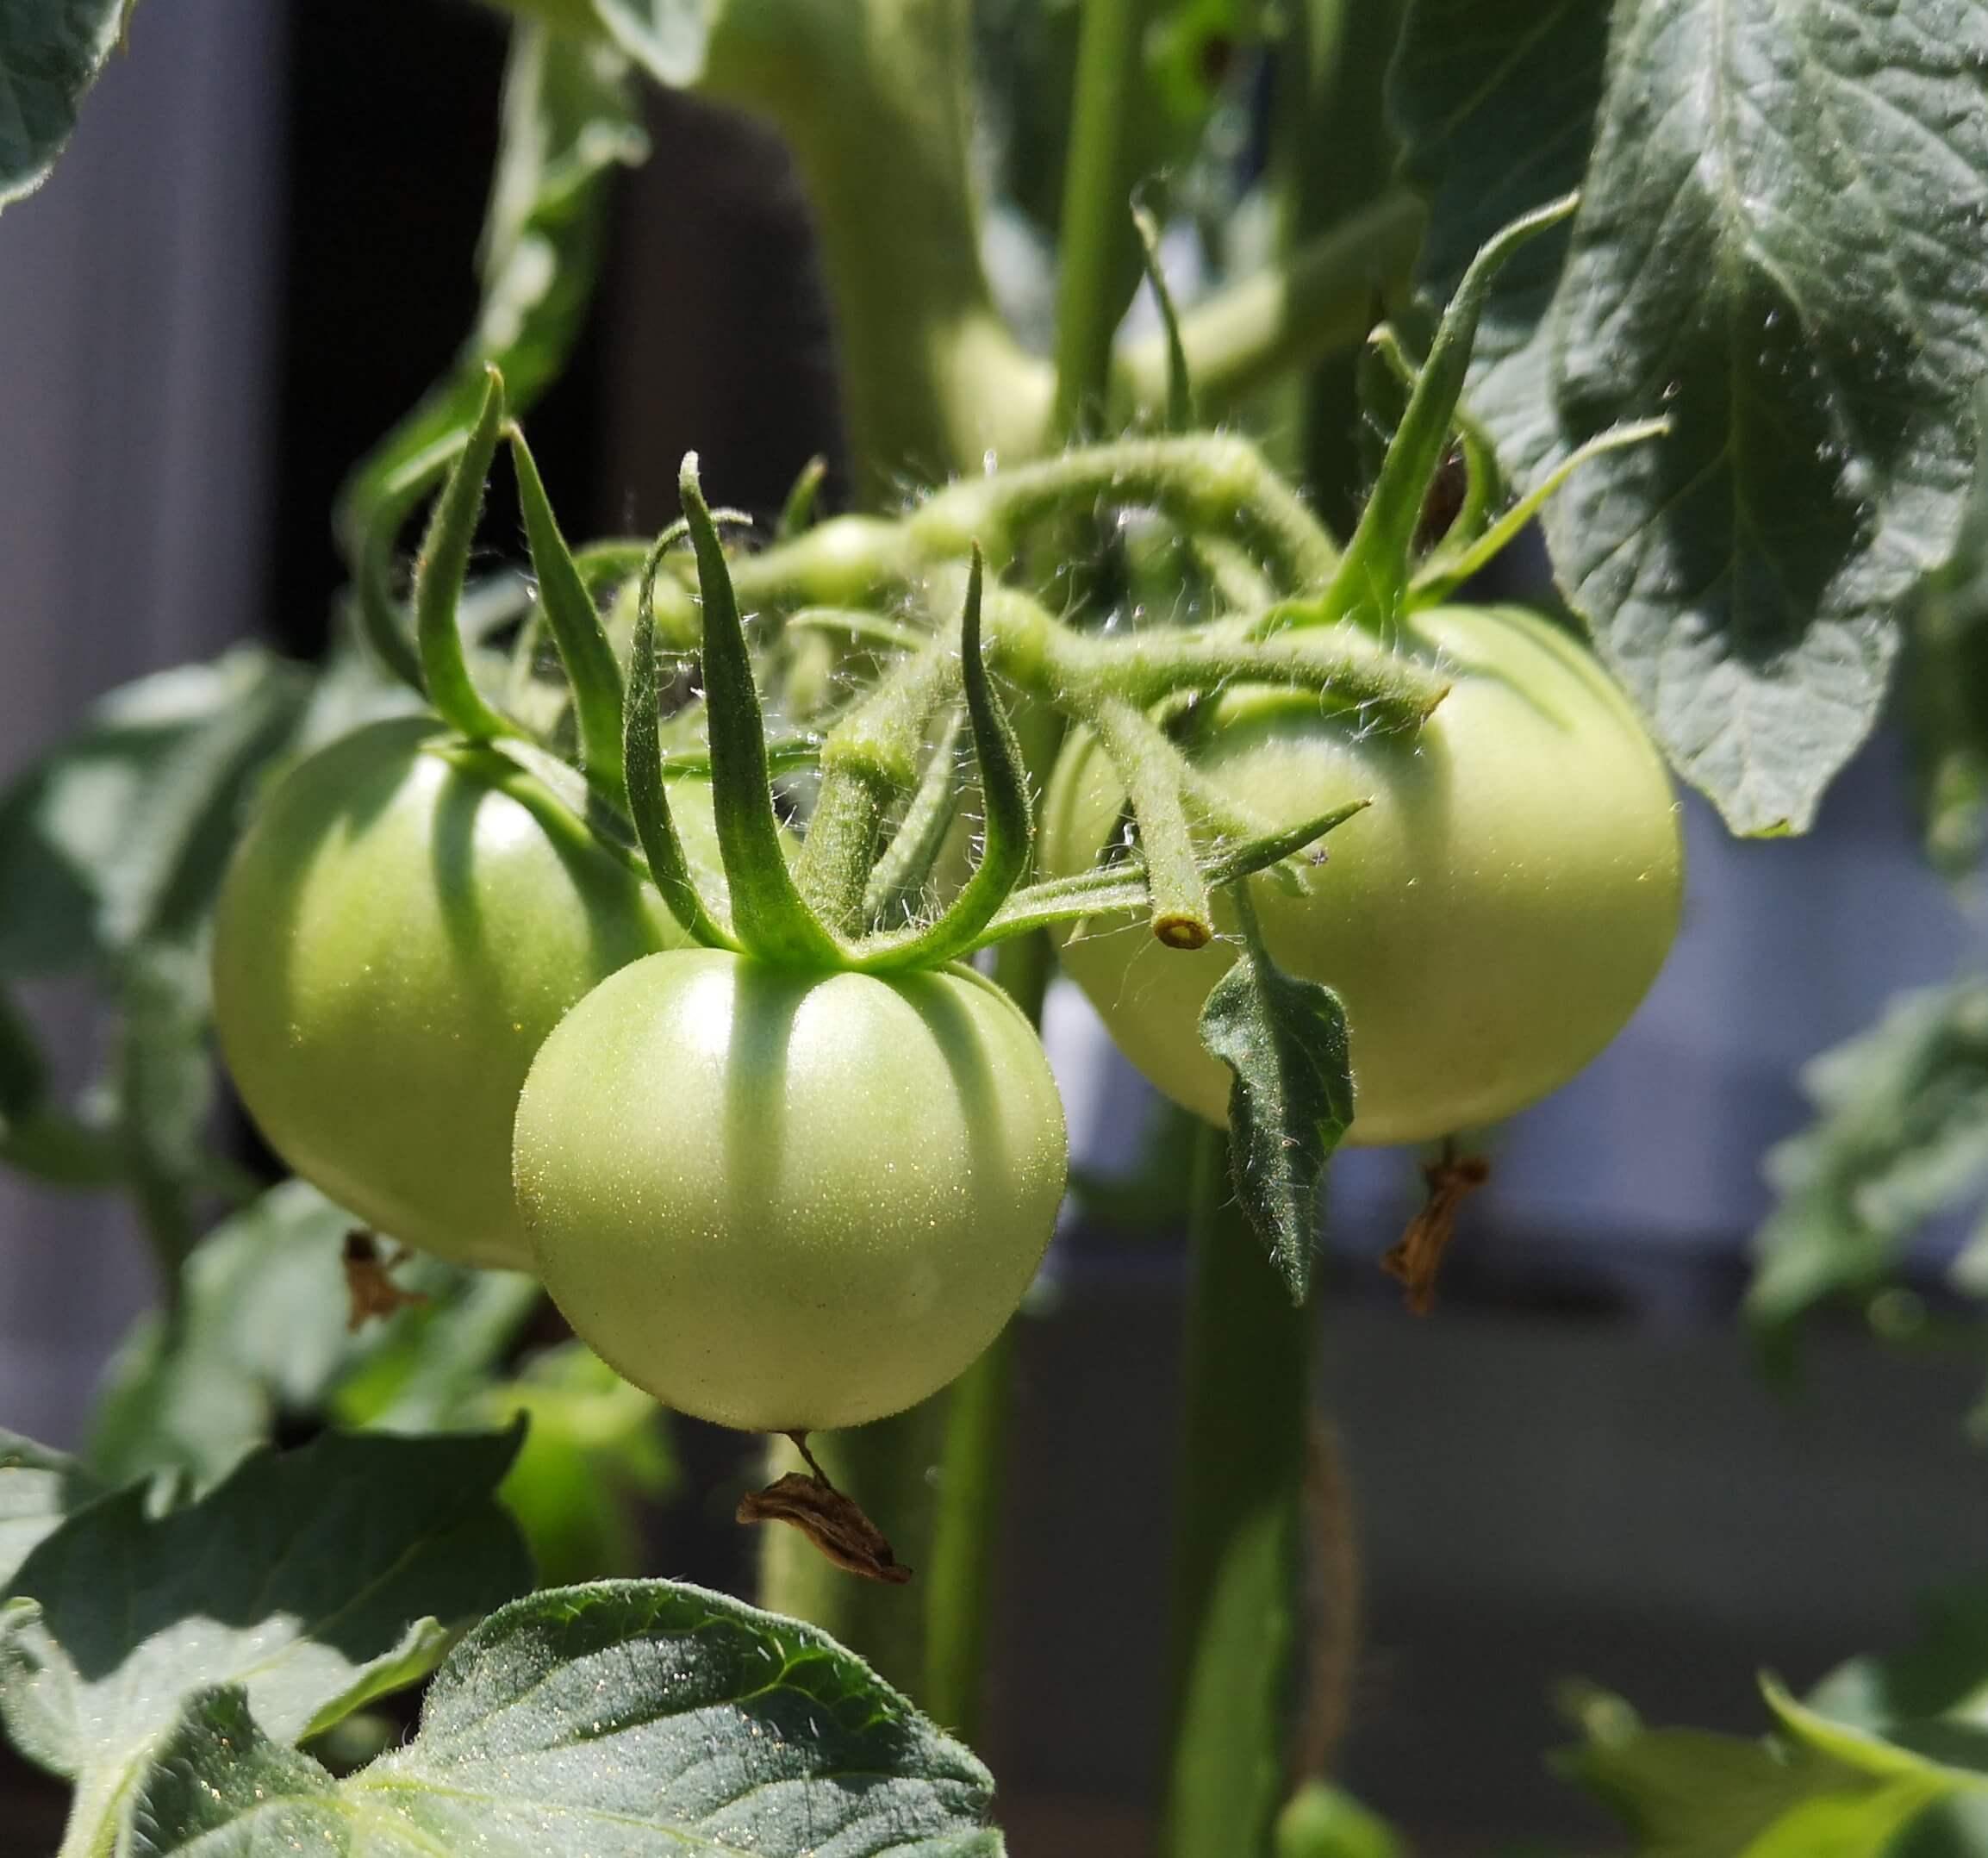 第一家房に実った3つのトマトがゴルフボールくらいに成長中